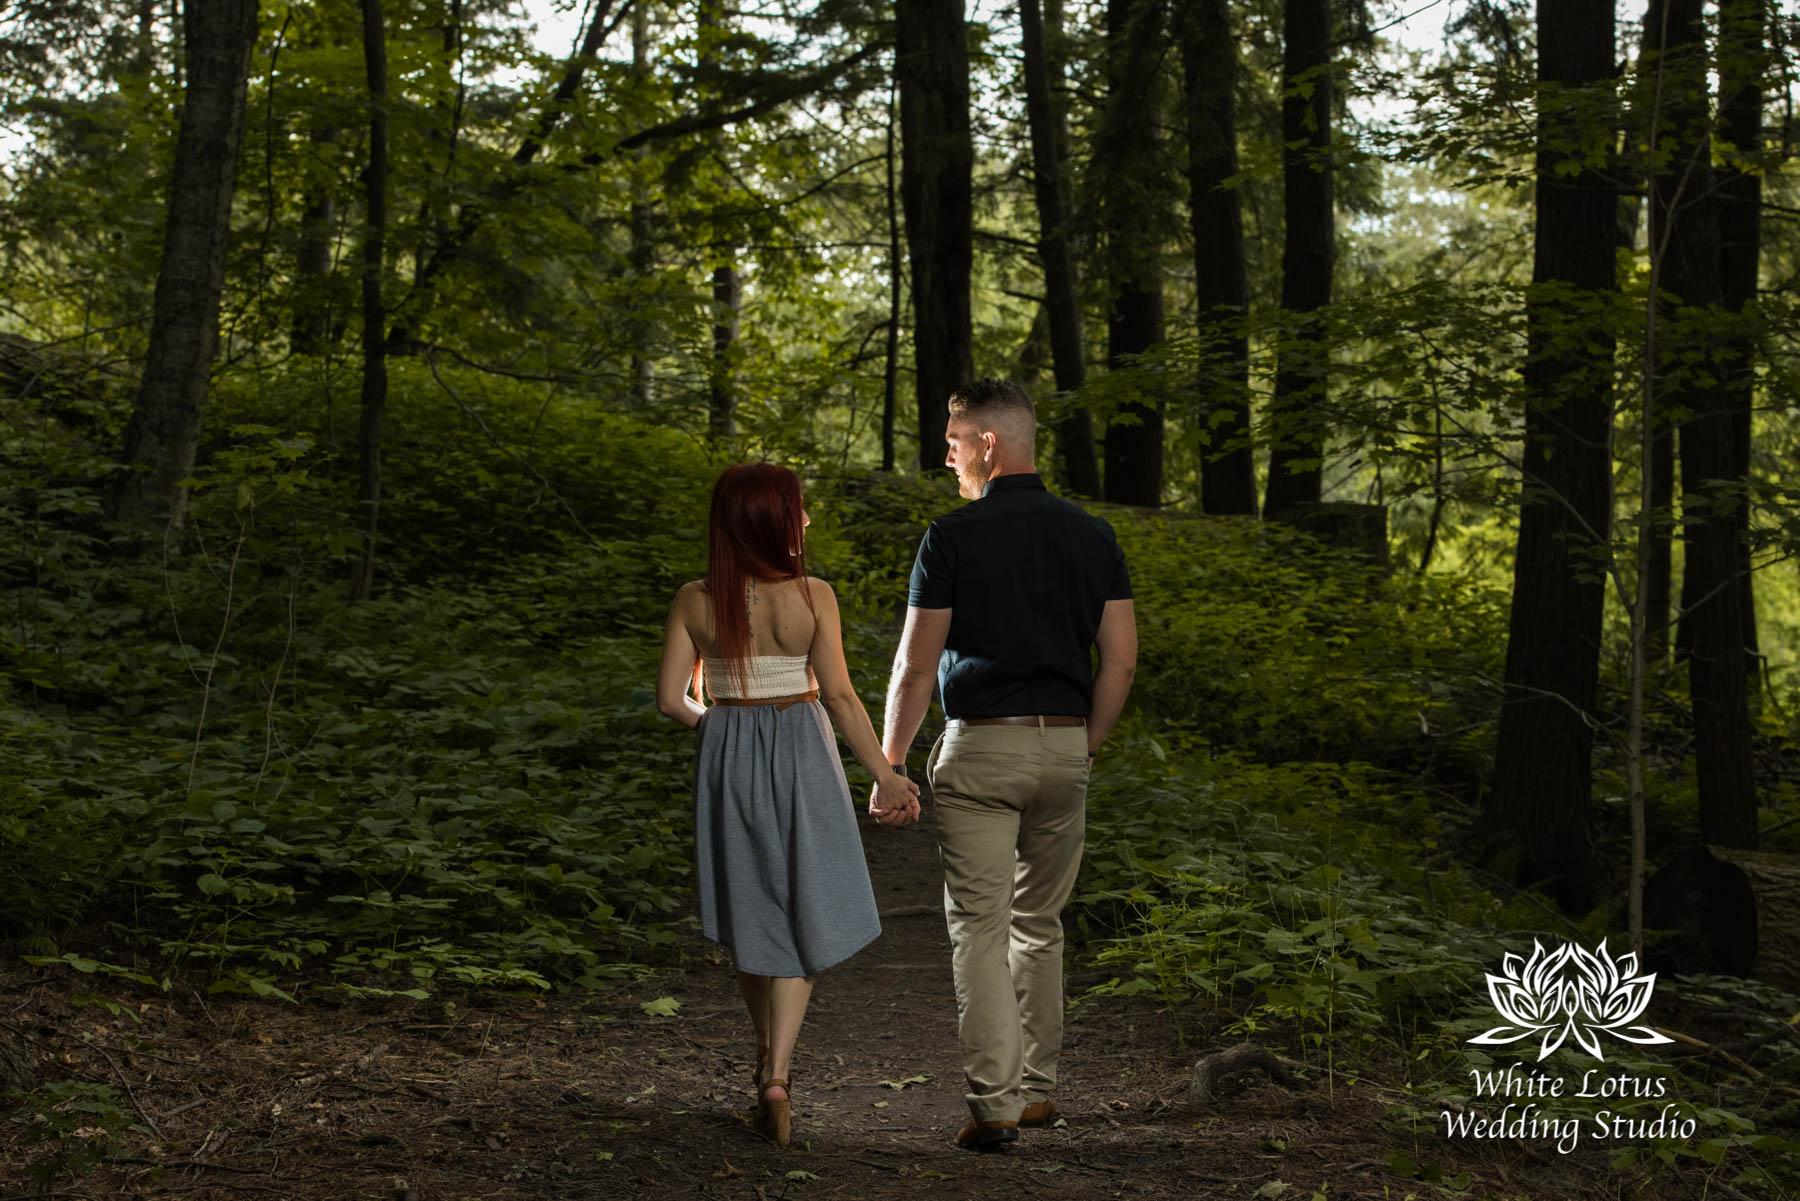 022 - Kleinburg - Engagement - Summer